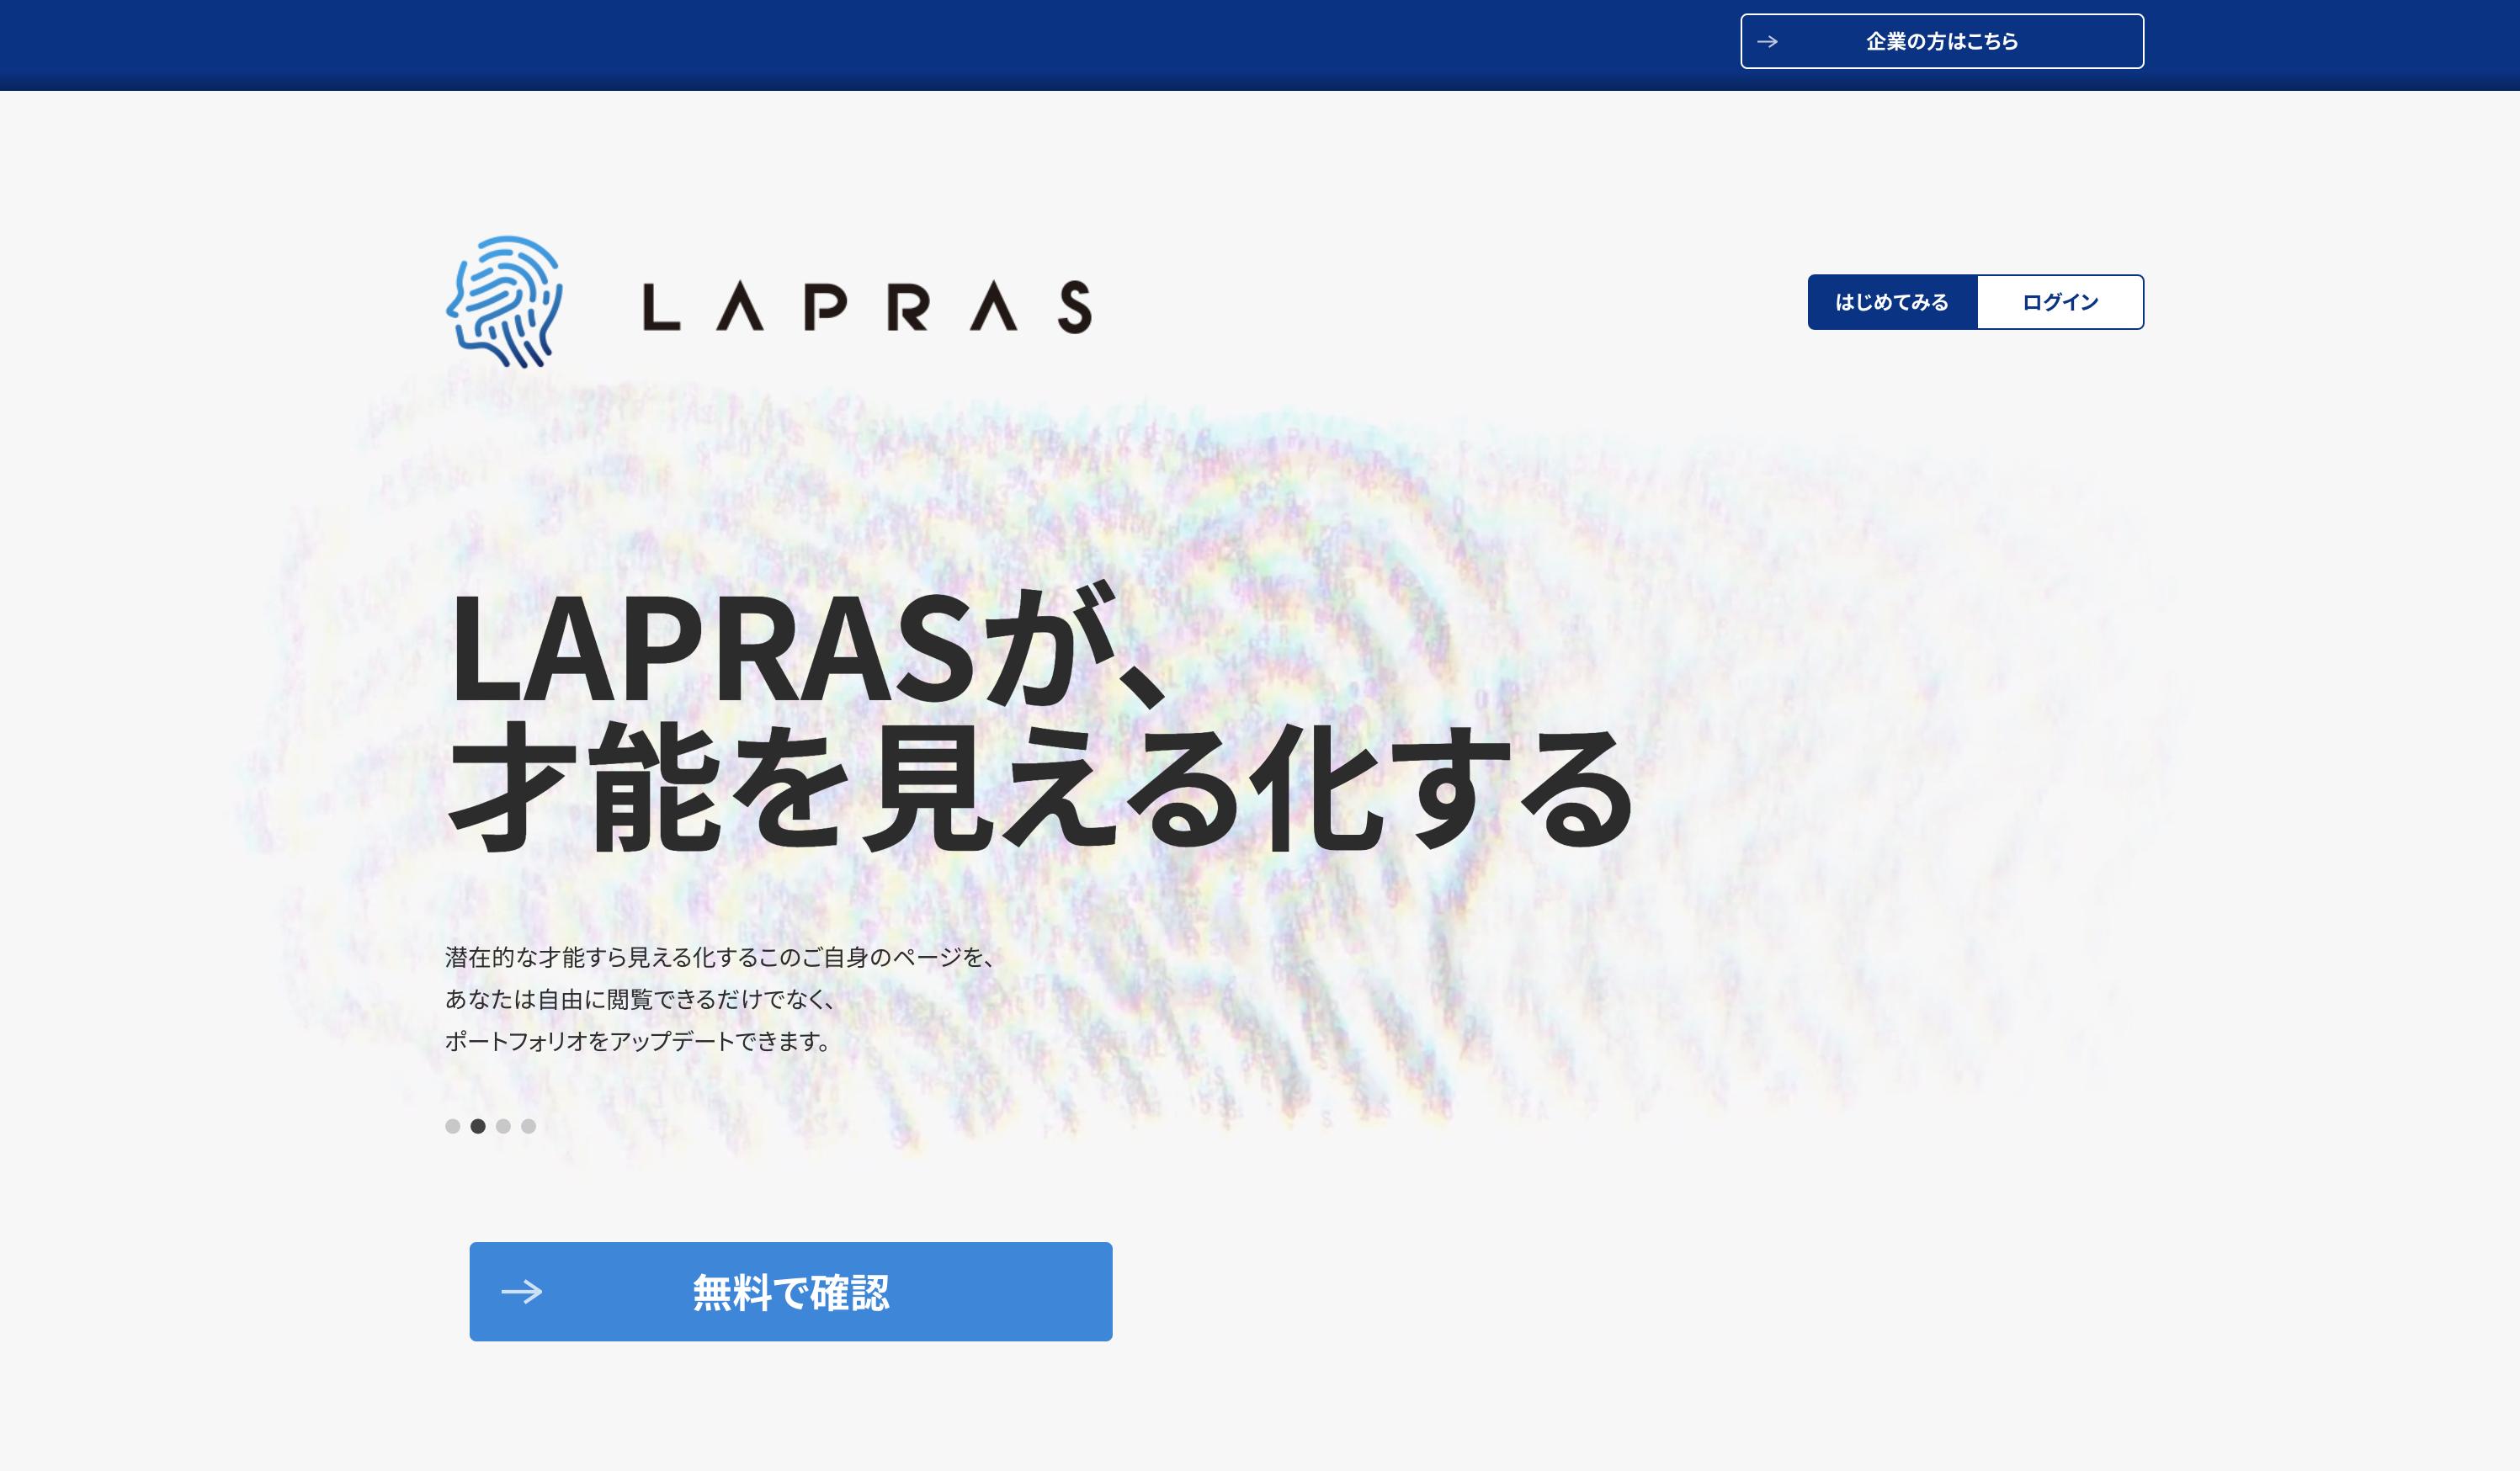 オープンデータから 自分のポートフォリオを 自動生成してくれるサービス【LAPRAS】